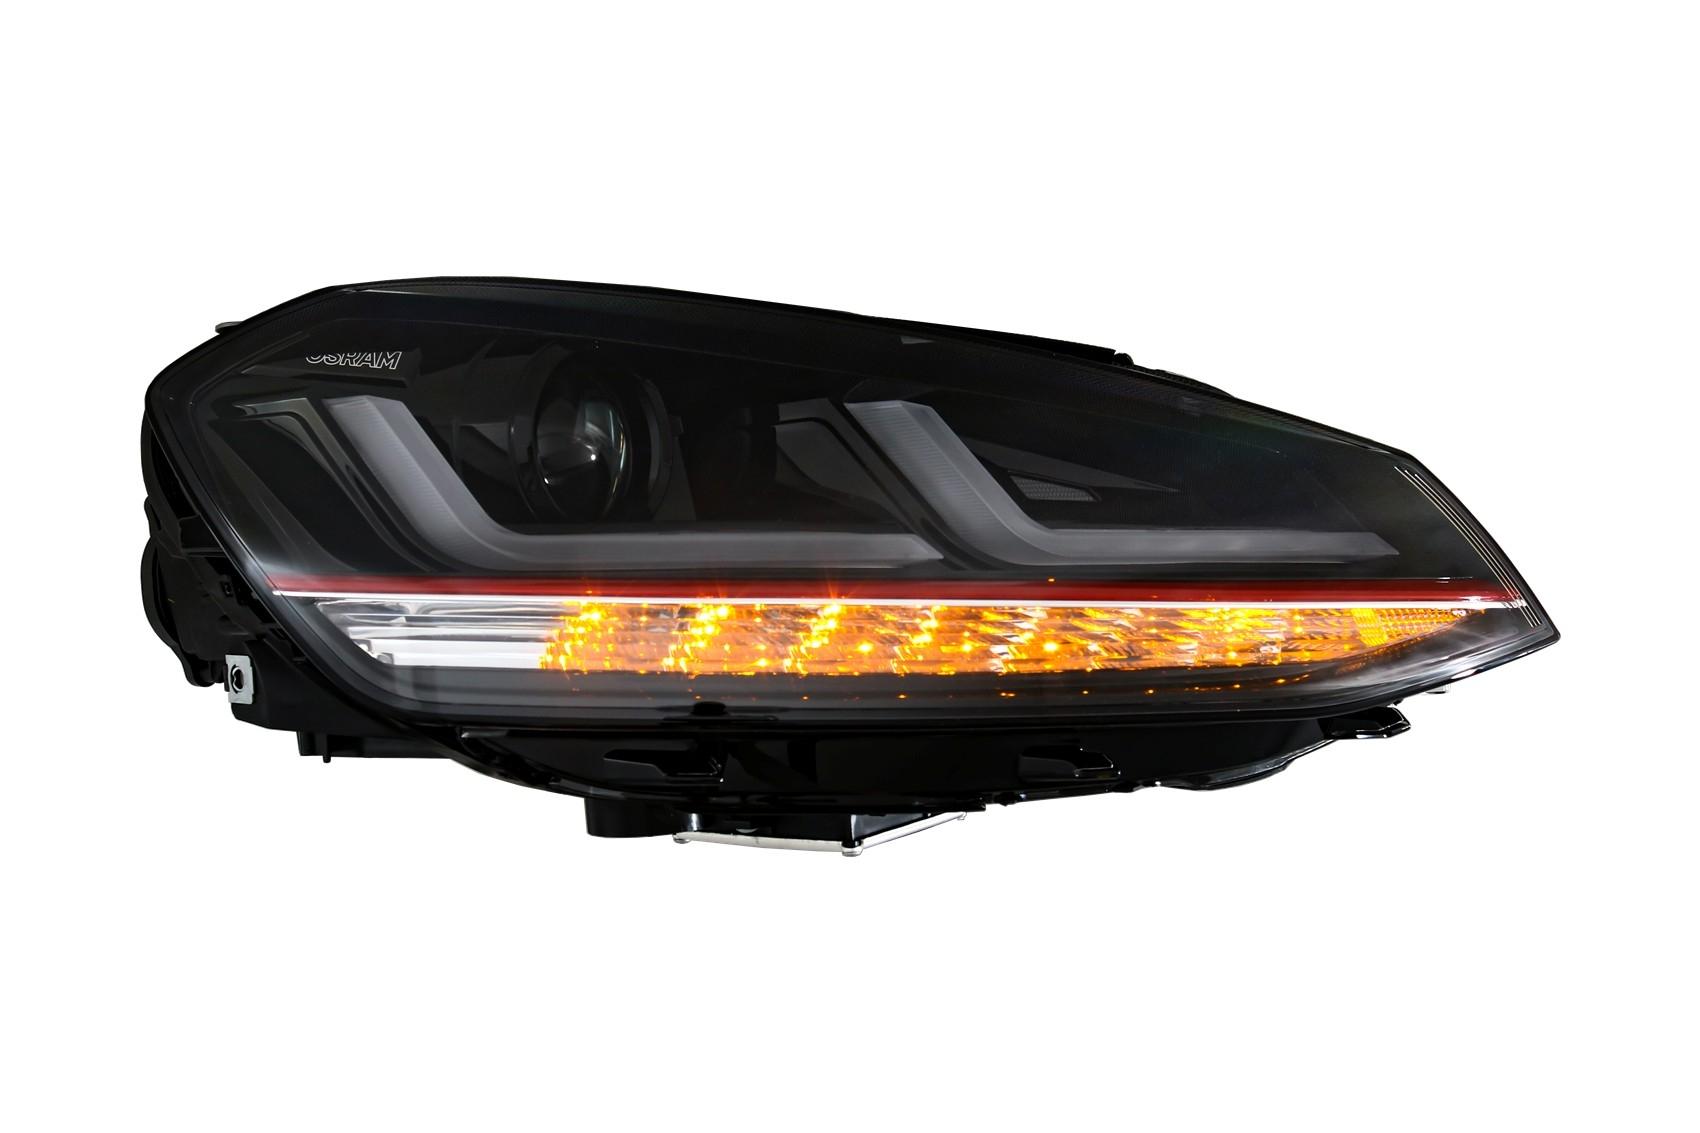 osram full led phares pour vw golf 7 vii 12 17 rouge gti. Black Bedroom Furniture Sets. Home Design Ideas